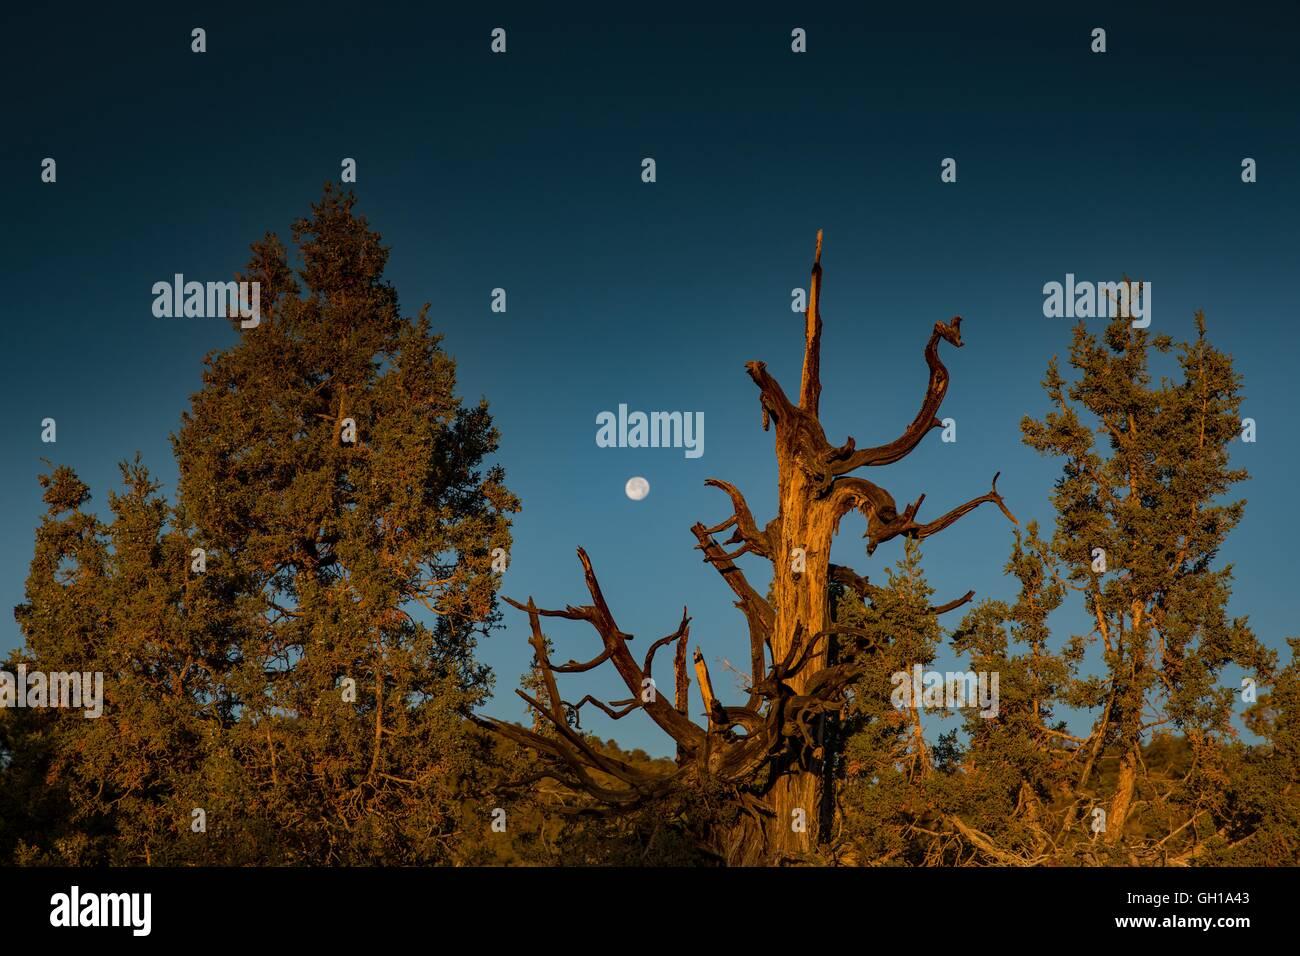 Jun 14, 2014 - les montagnes Blanches, Californie, États-Unis - l'moonsets comme le soleil se lève Photo Stock